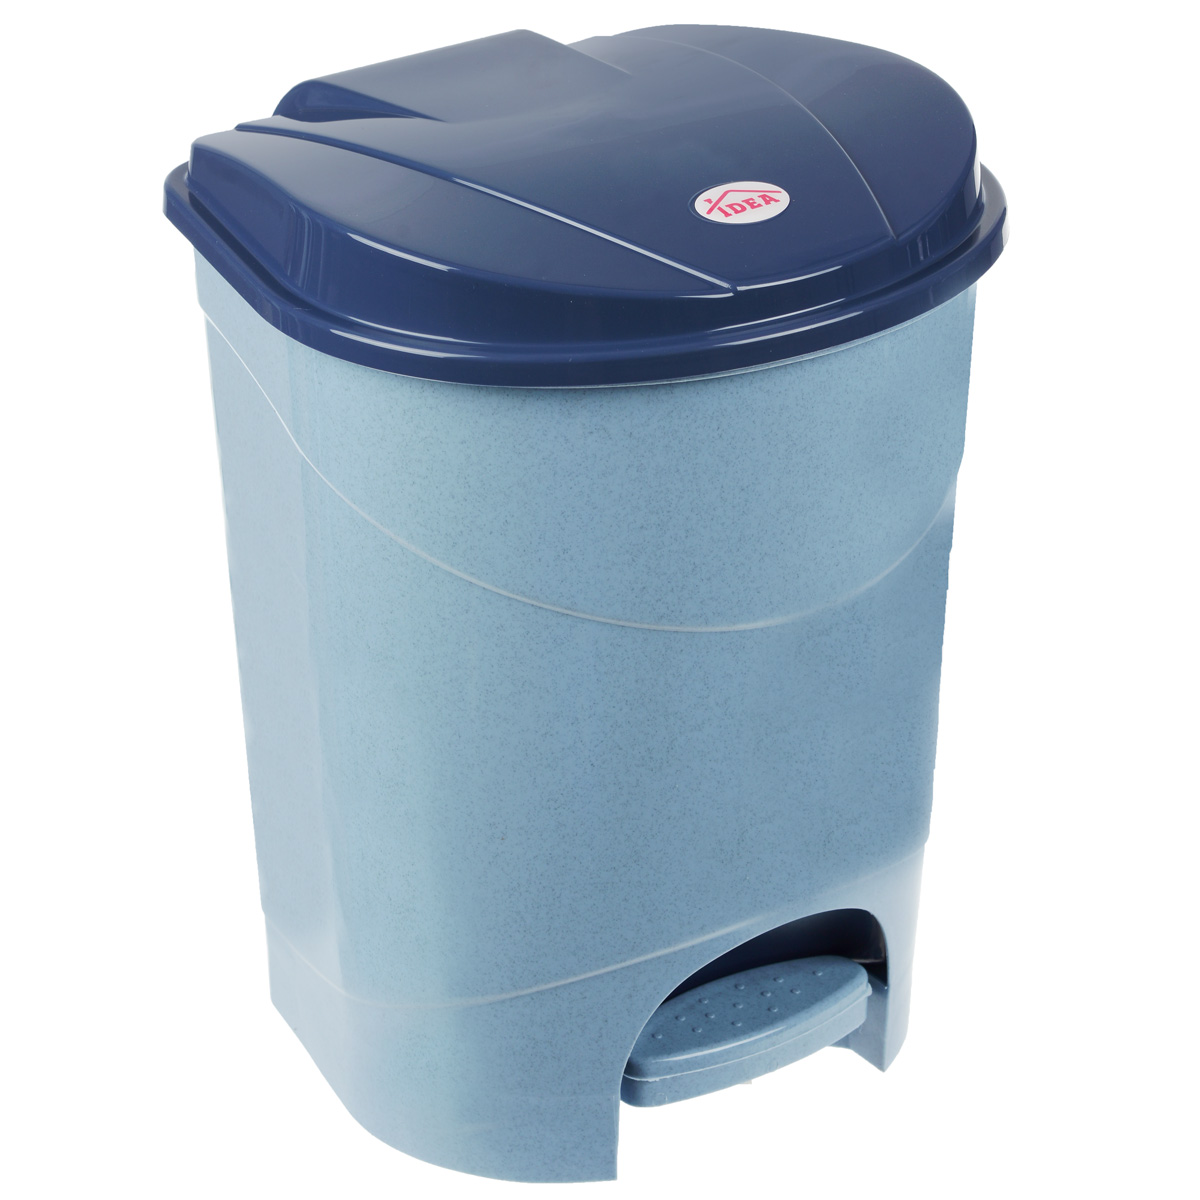 Контейнер для мусора Idea, с педалью, цвет: голубой мрамор, 11 л68/5/3Мусорный контейнер Idea, выполненный из прочного пластика, не боится ударов и долгих лет использования. Изделие оснащено педалью, с помощью которой можно открыть крышку. Закрывается крышка практически бесшумно, плотно прилегает, предотвращая распространение запаха. Внутри пластиковая емкость для мусора, которую при необходимости можно достать из контейнера. Интересный дизайн разнообразит интерьер кухни и сделает его более оригинальным.